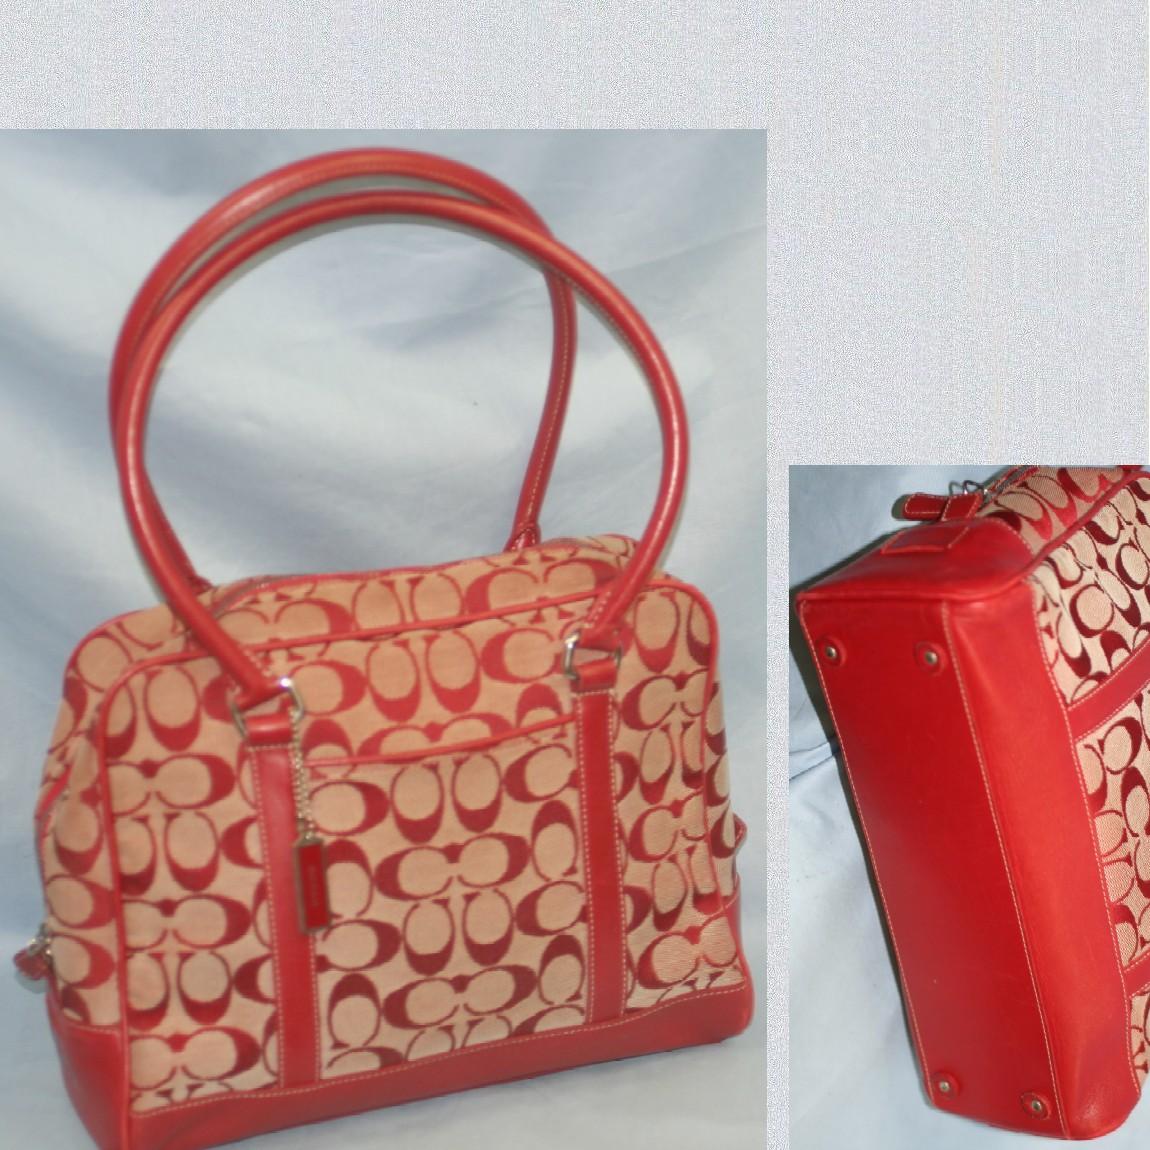 【中古】本物美品コーチ女性用赤キャンバスx革素材セミショルダートート6097